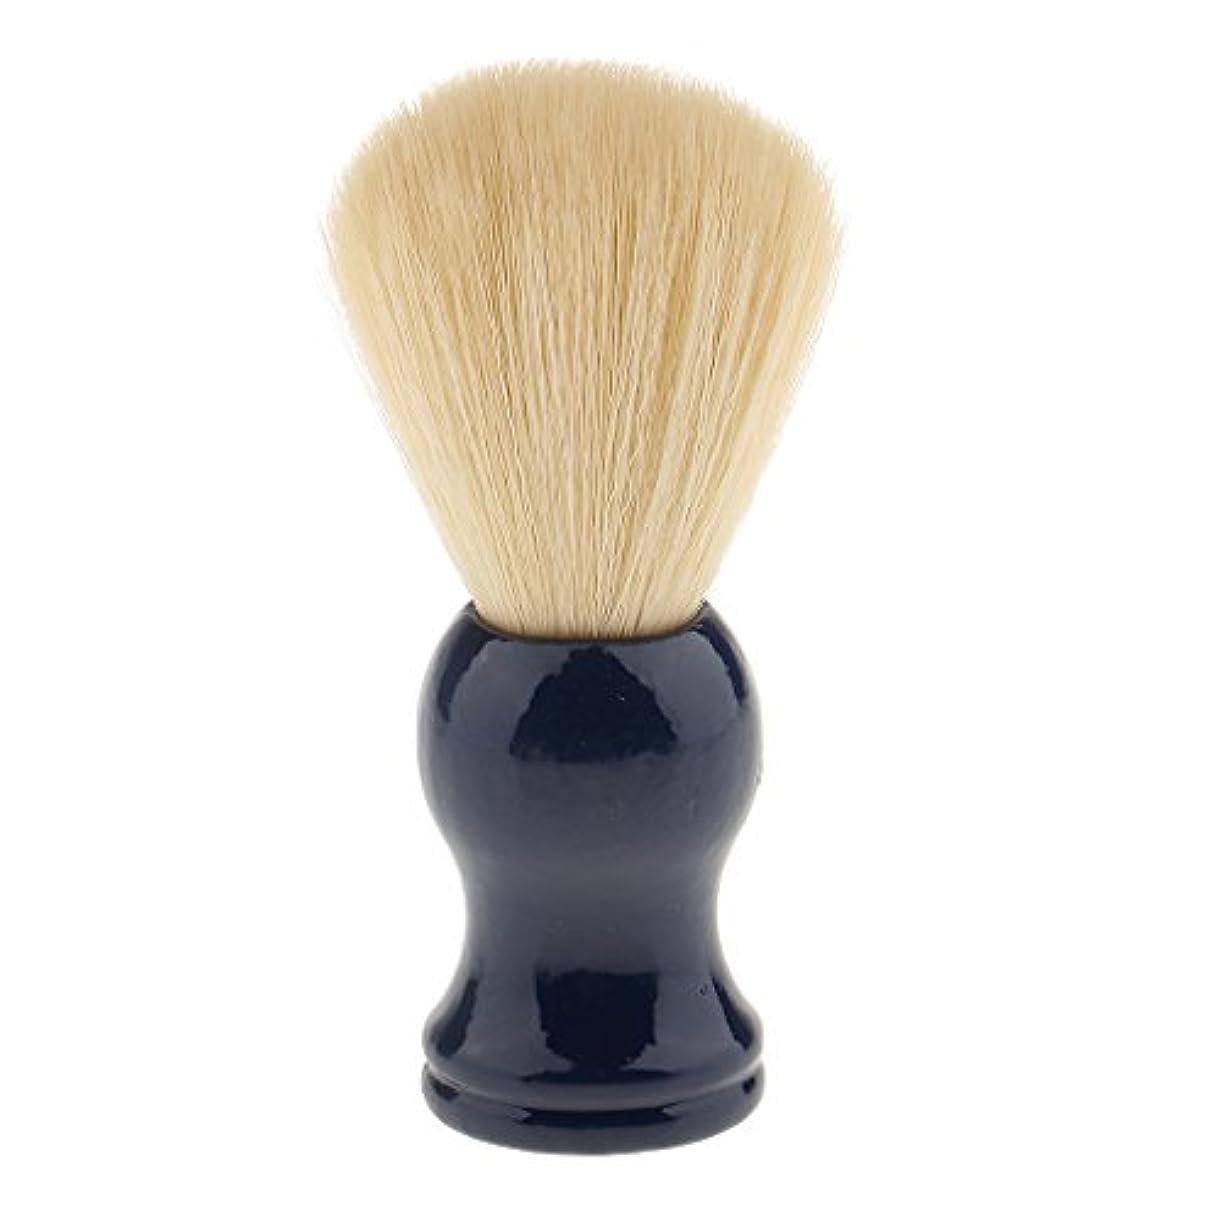 昆虫切断する最後のナイロン ひげブラシ シェービング ブラシ 髭 泡立て 散髪整理 理髪用 サロン 快適 美容院